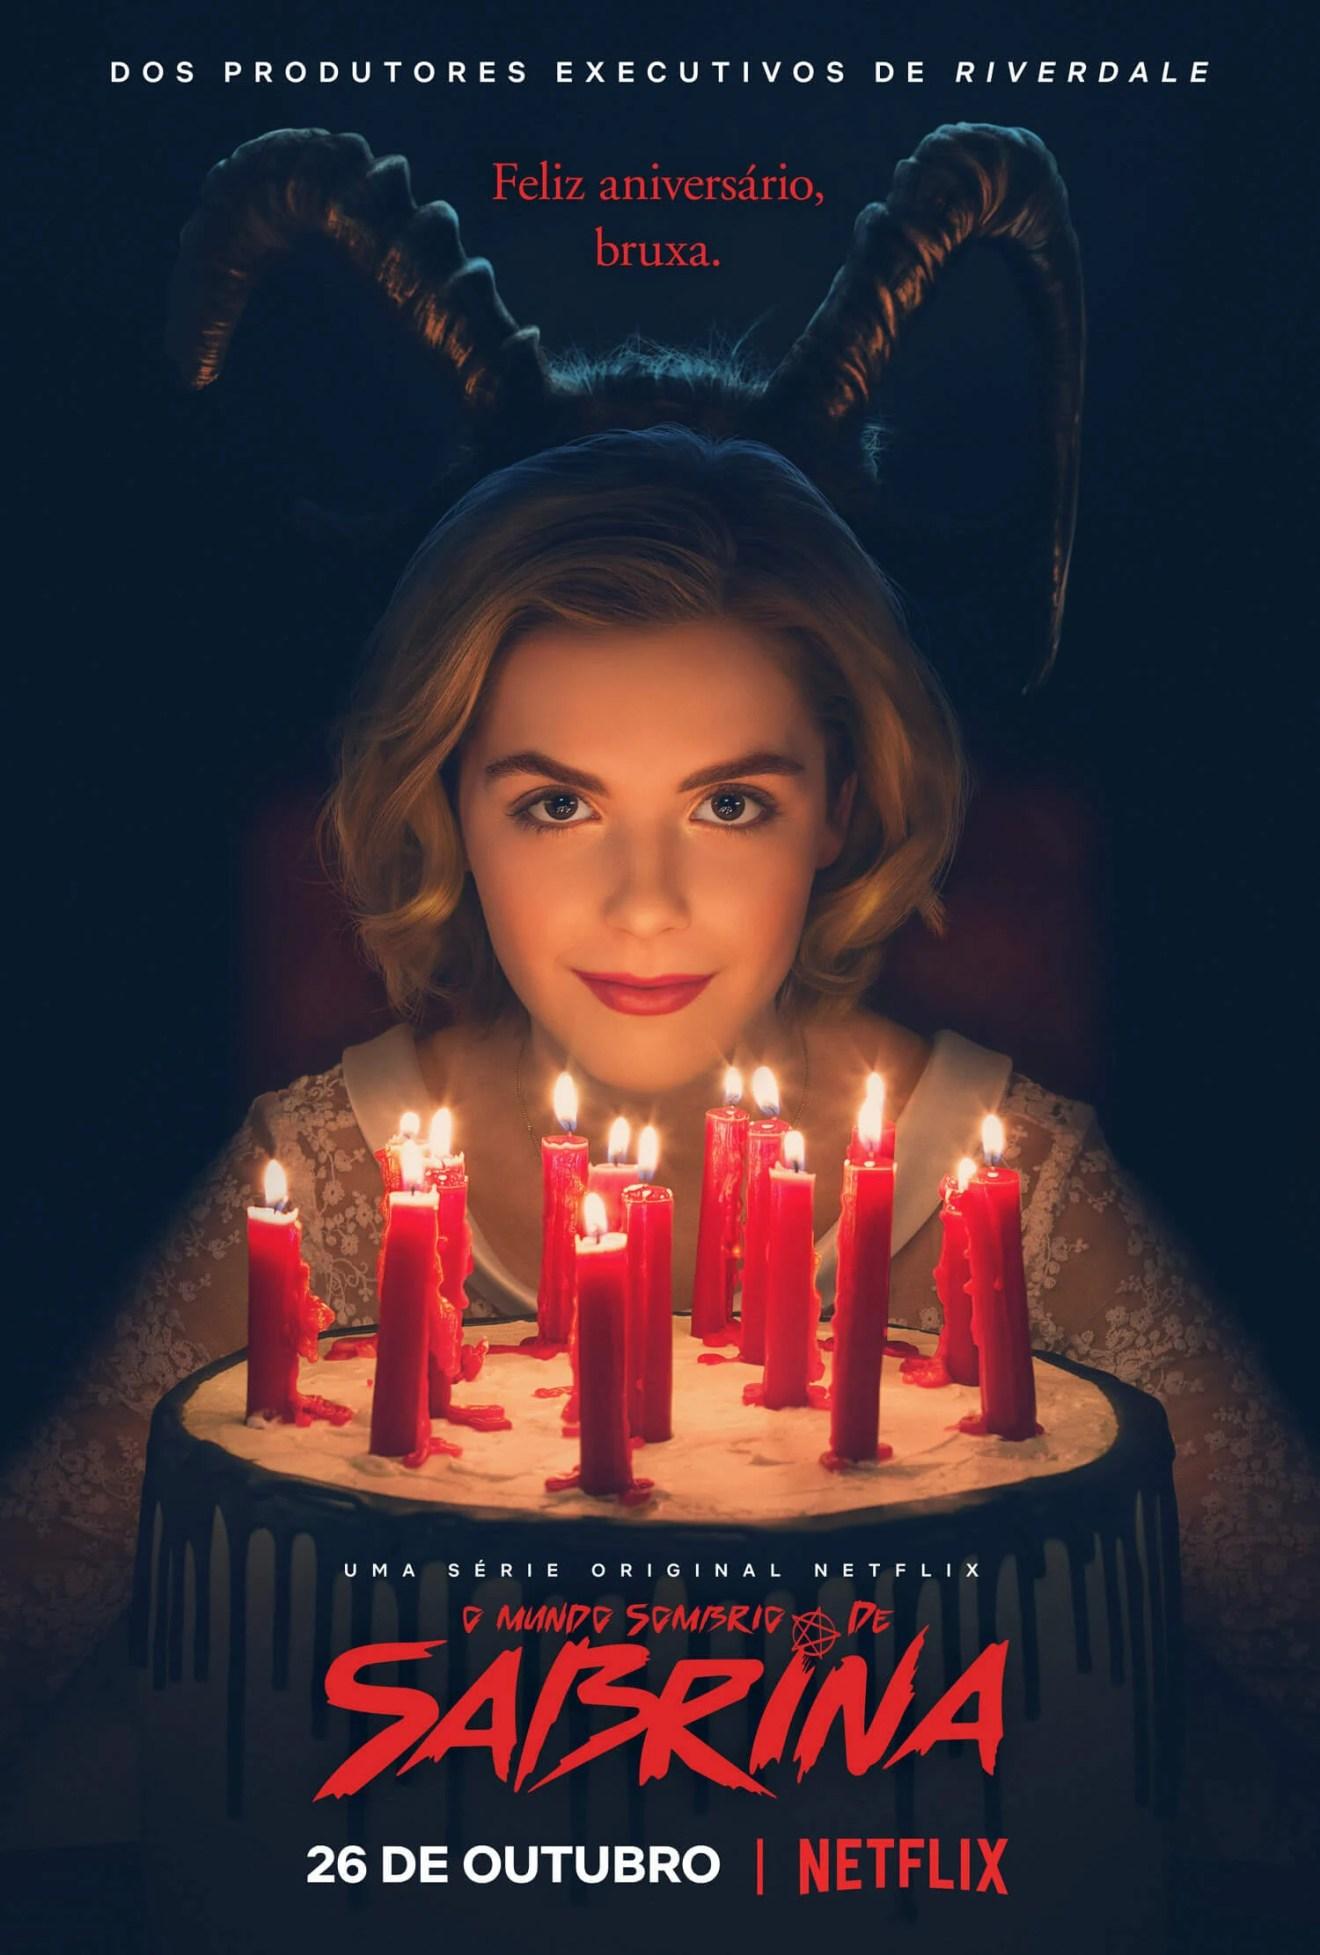 unnamed - Confira o primeiro teaser de O Mundo Sombrio de Sabrina, da Netflix